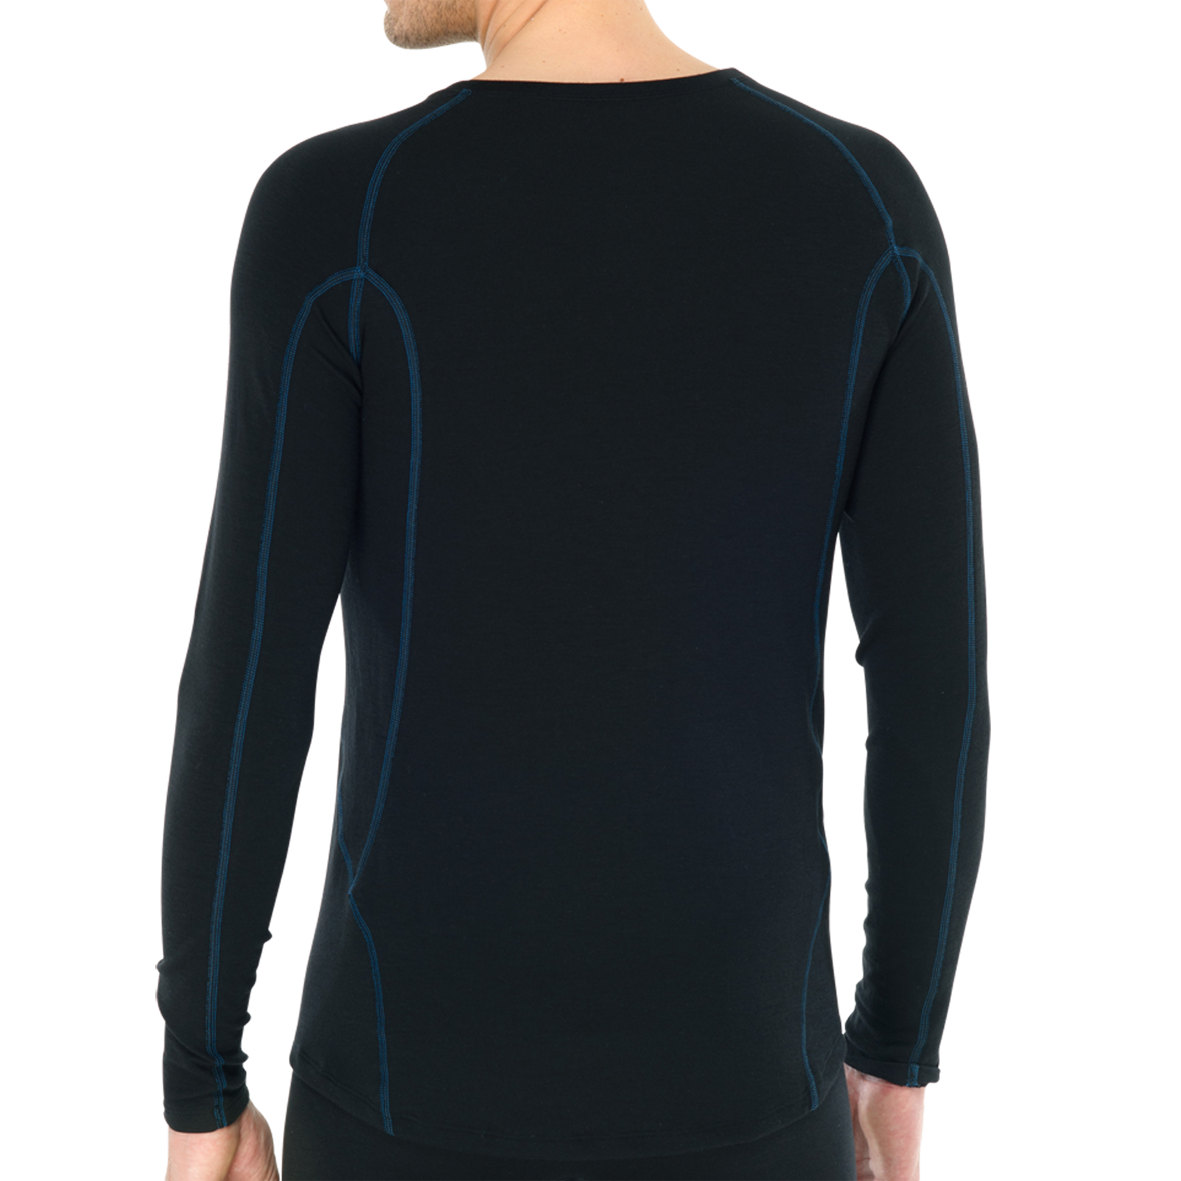 Thermo T-shirt met lange mouw 135306 - zwart mt. 4-2